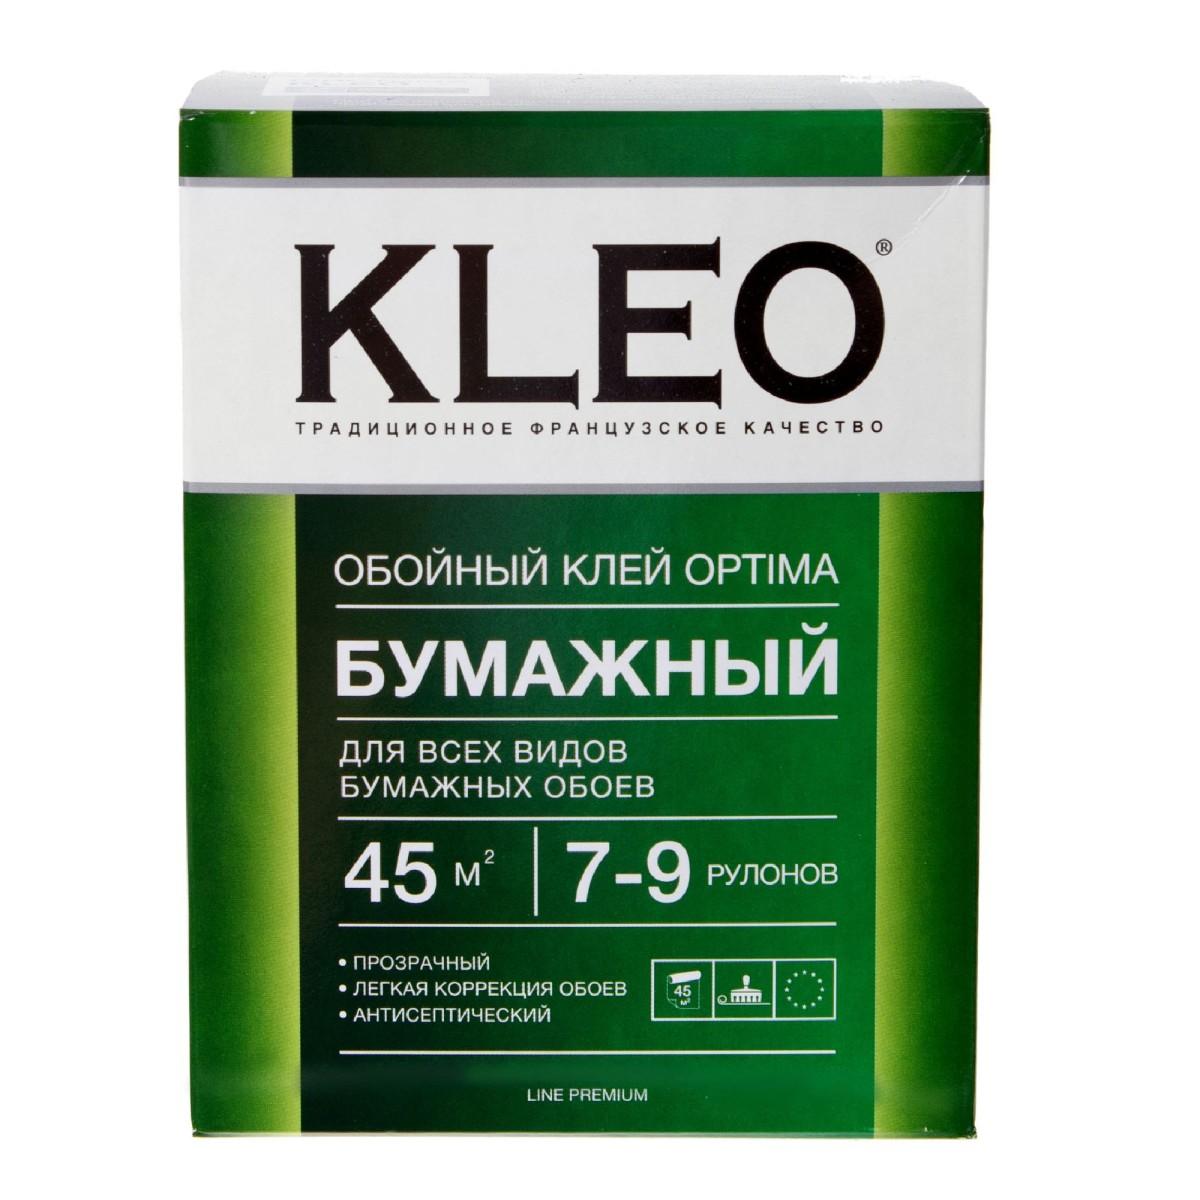 Клей для бумажных обоев Kleo 35-45 м2 7-9 рулонов